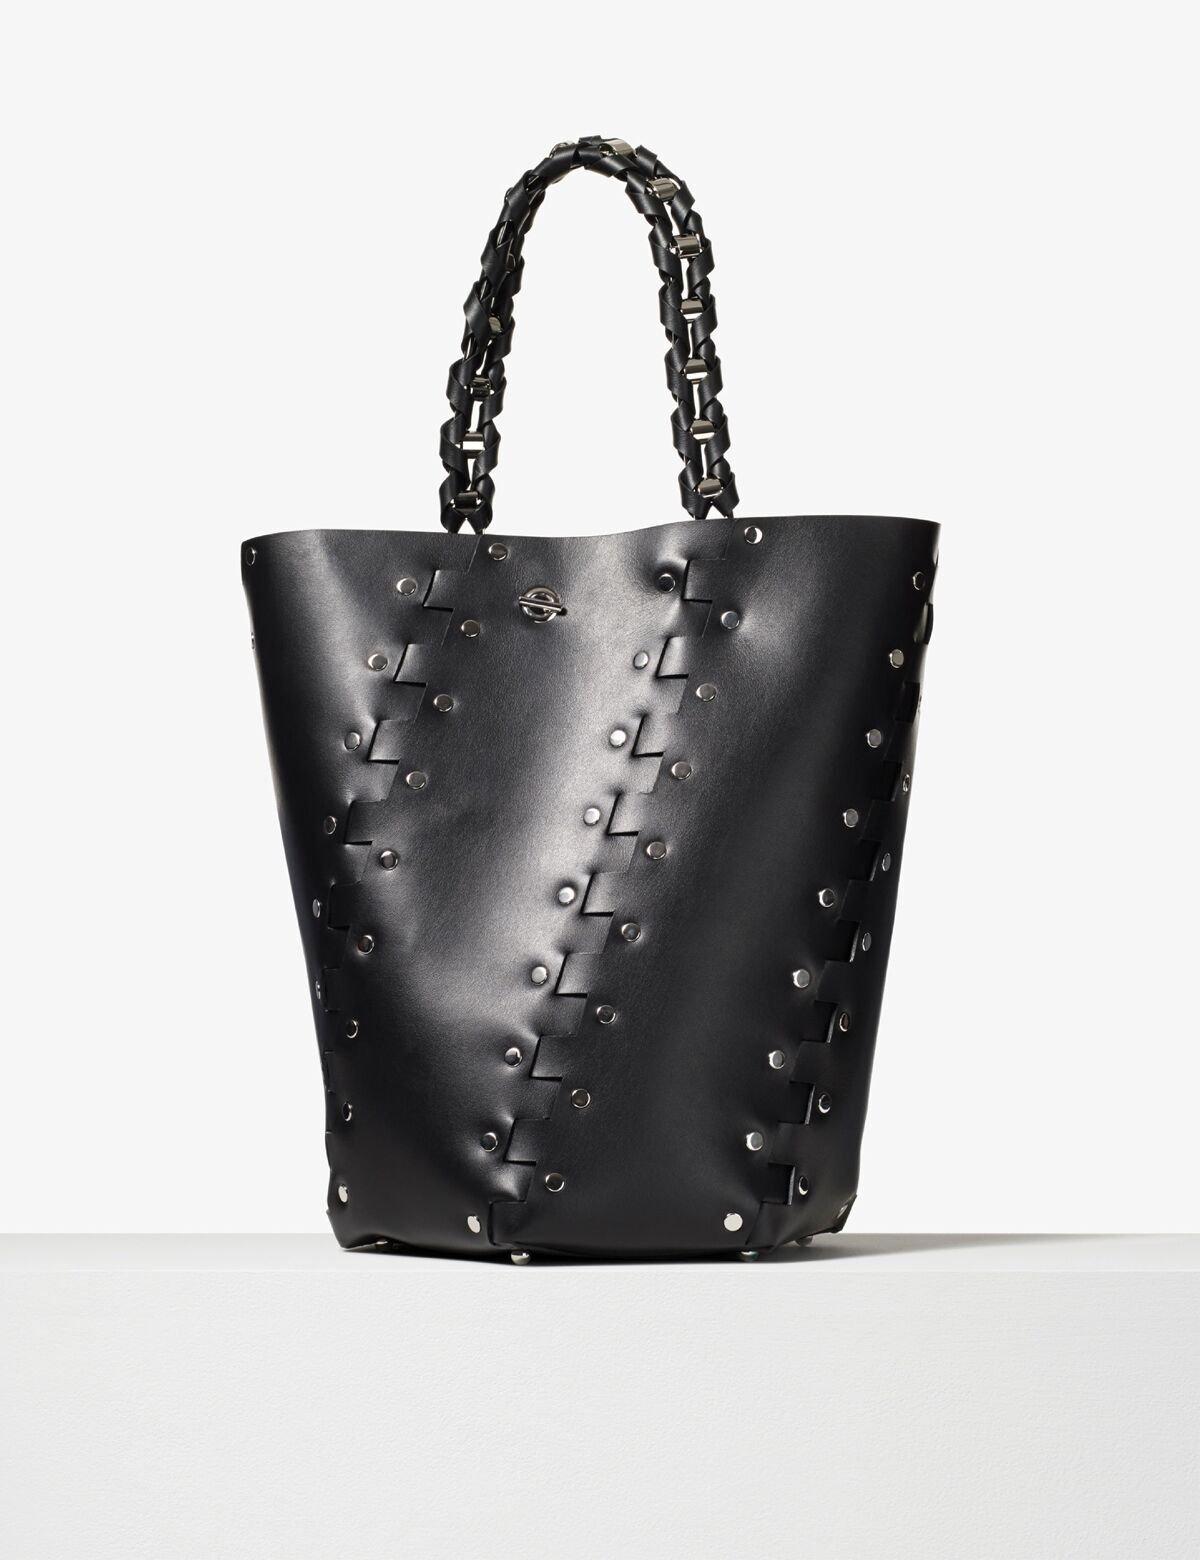 Discover Pre-Fall 2017 Handbags